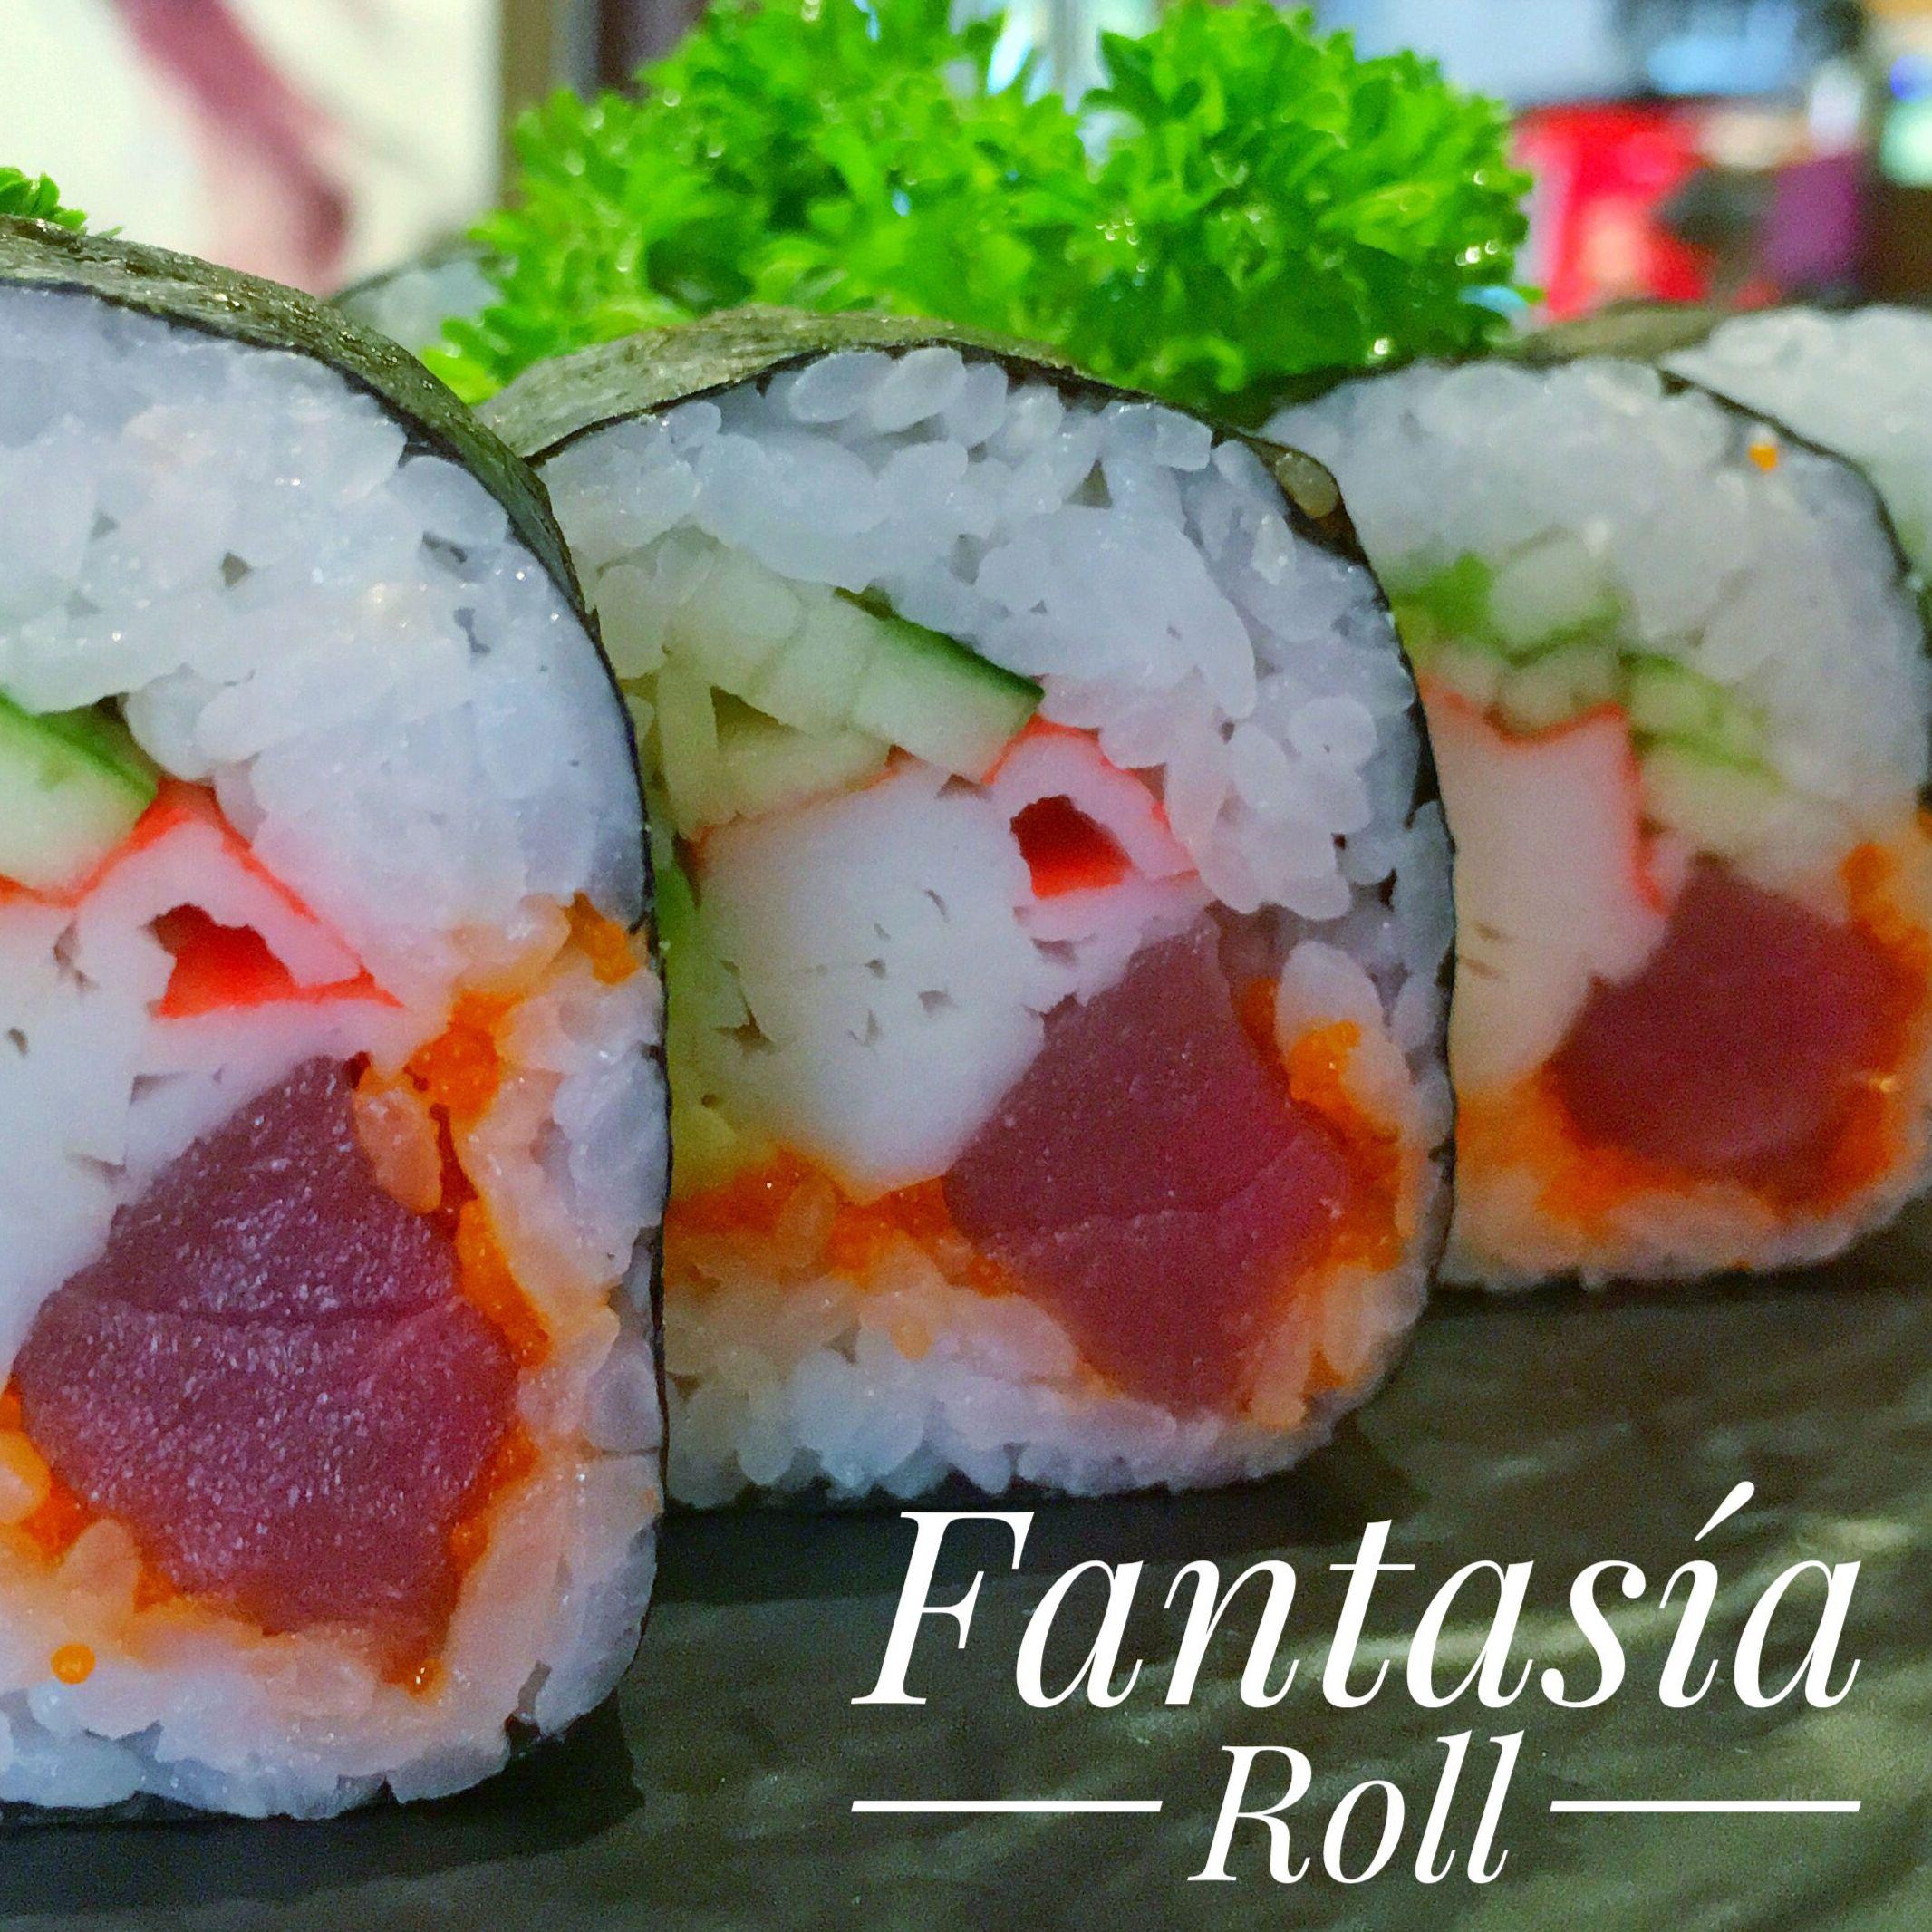 Fantasía Roll